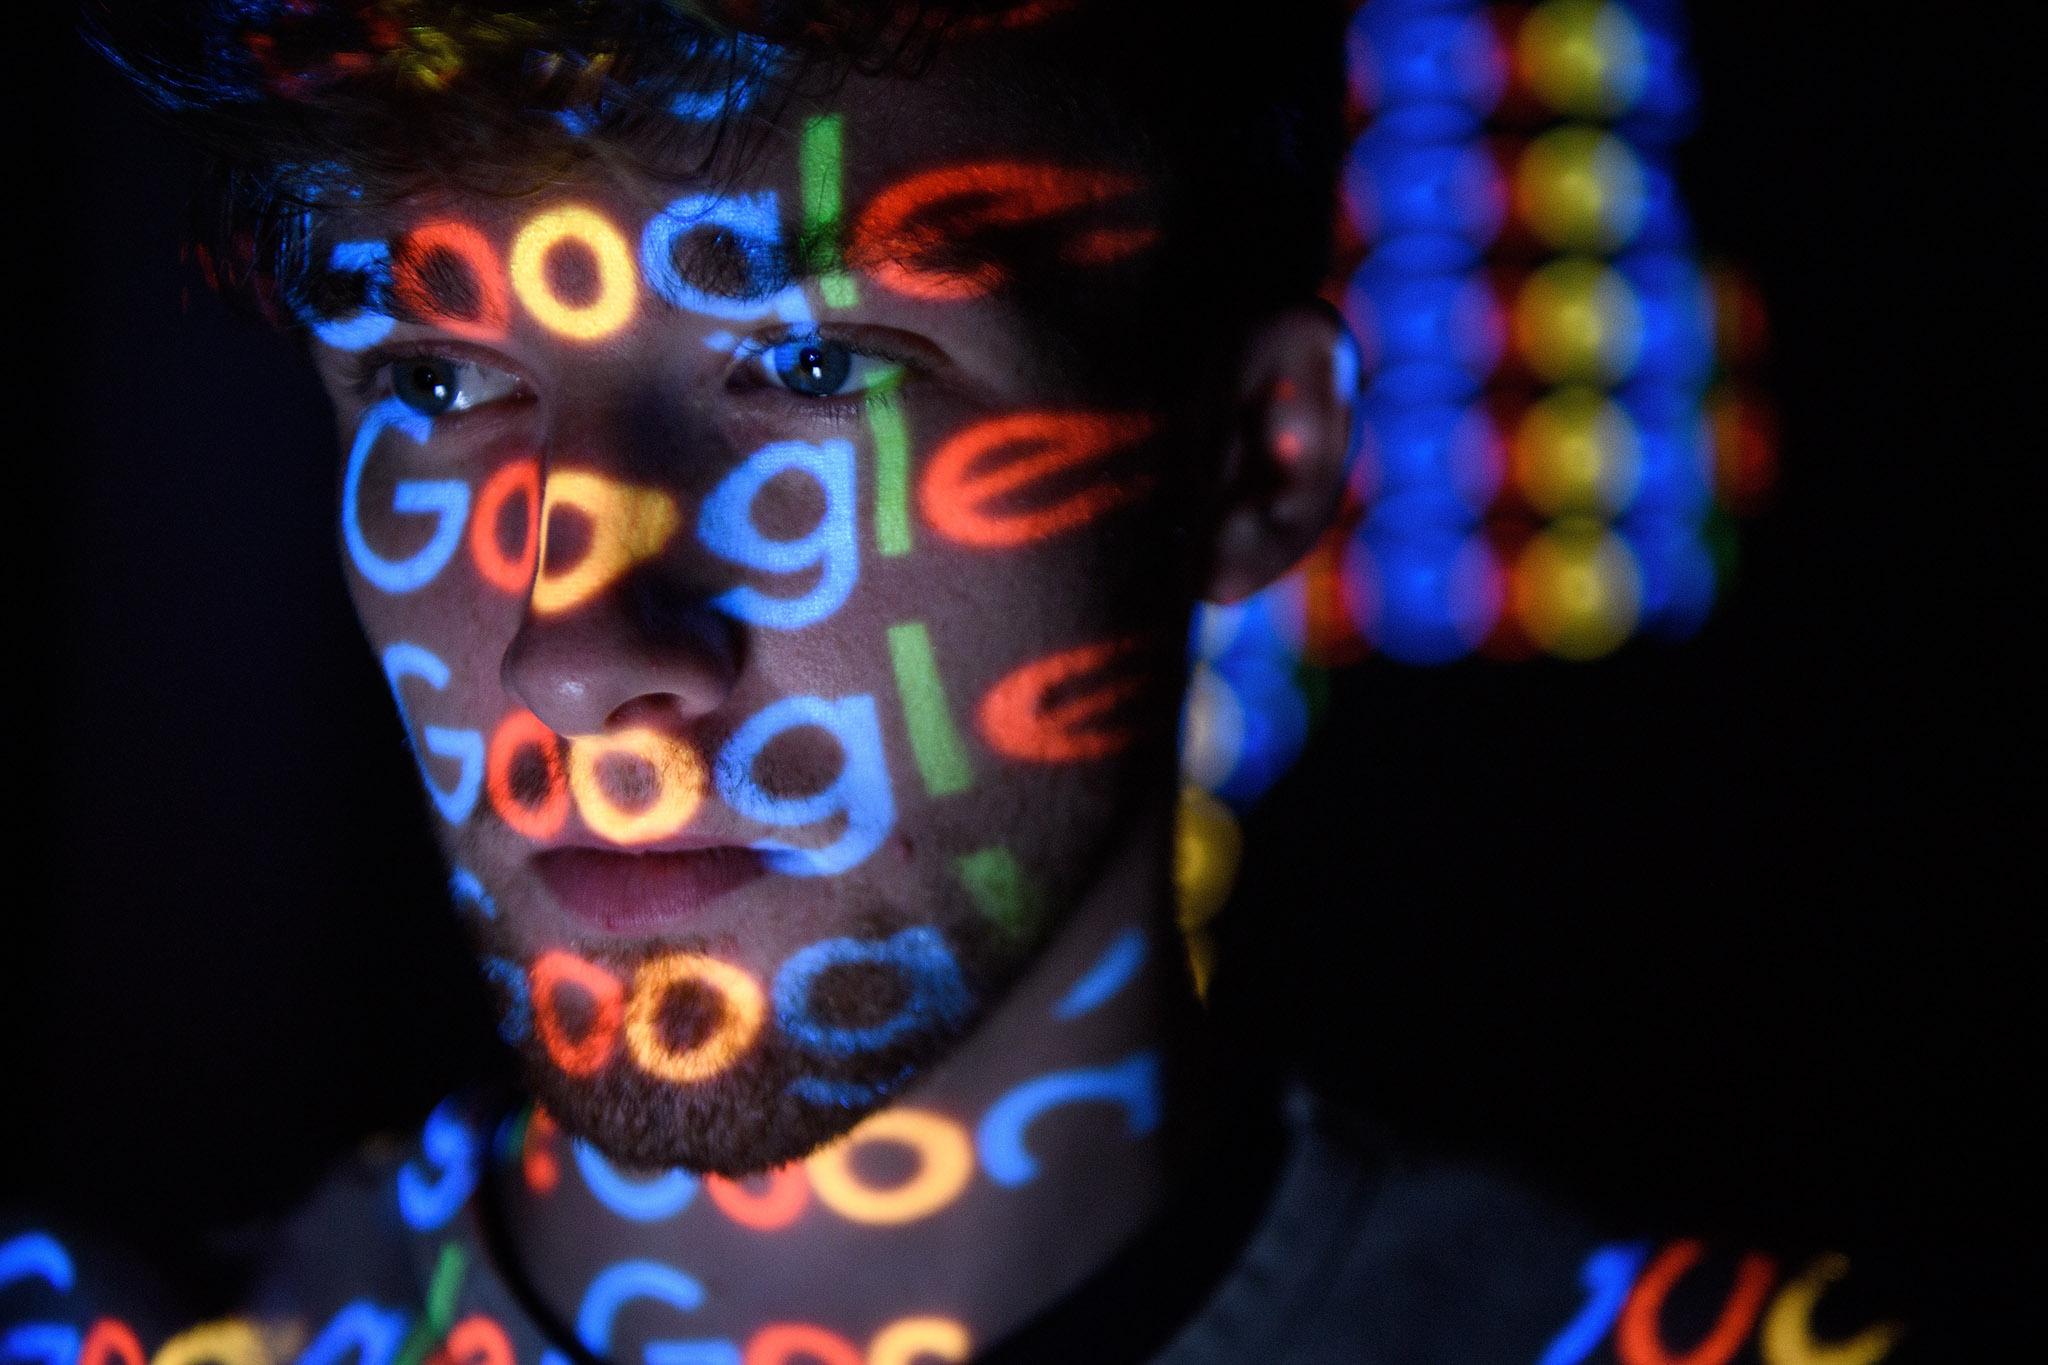 🚮 Google избавился от 2,3 млрд рекламных объявлений за год